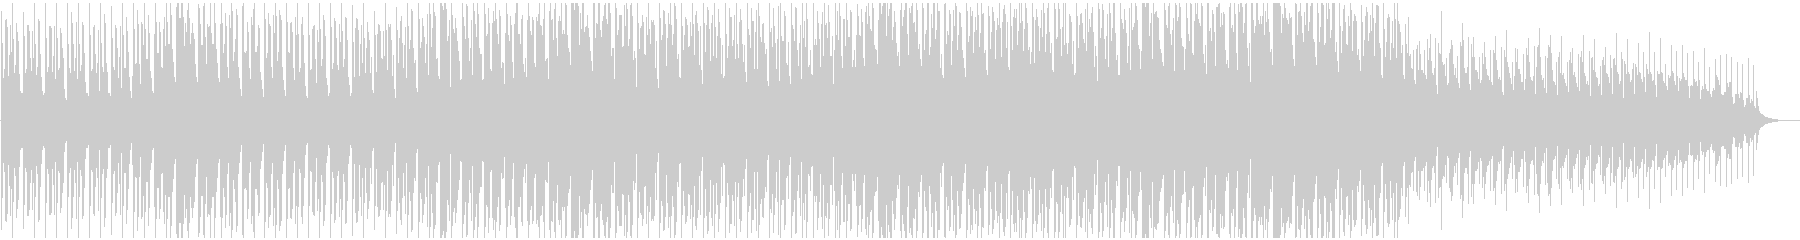 ニュース背後で流れるようなミニマルBGMの未再生の波形